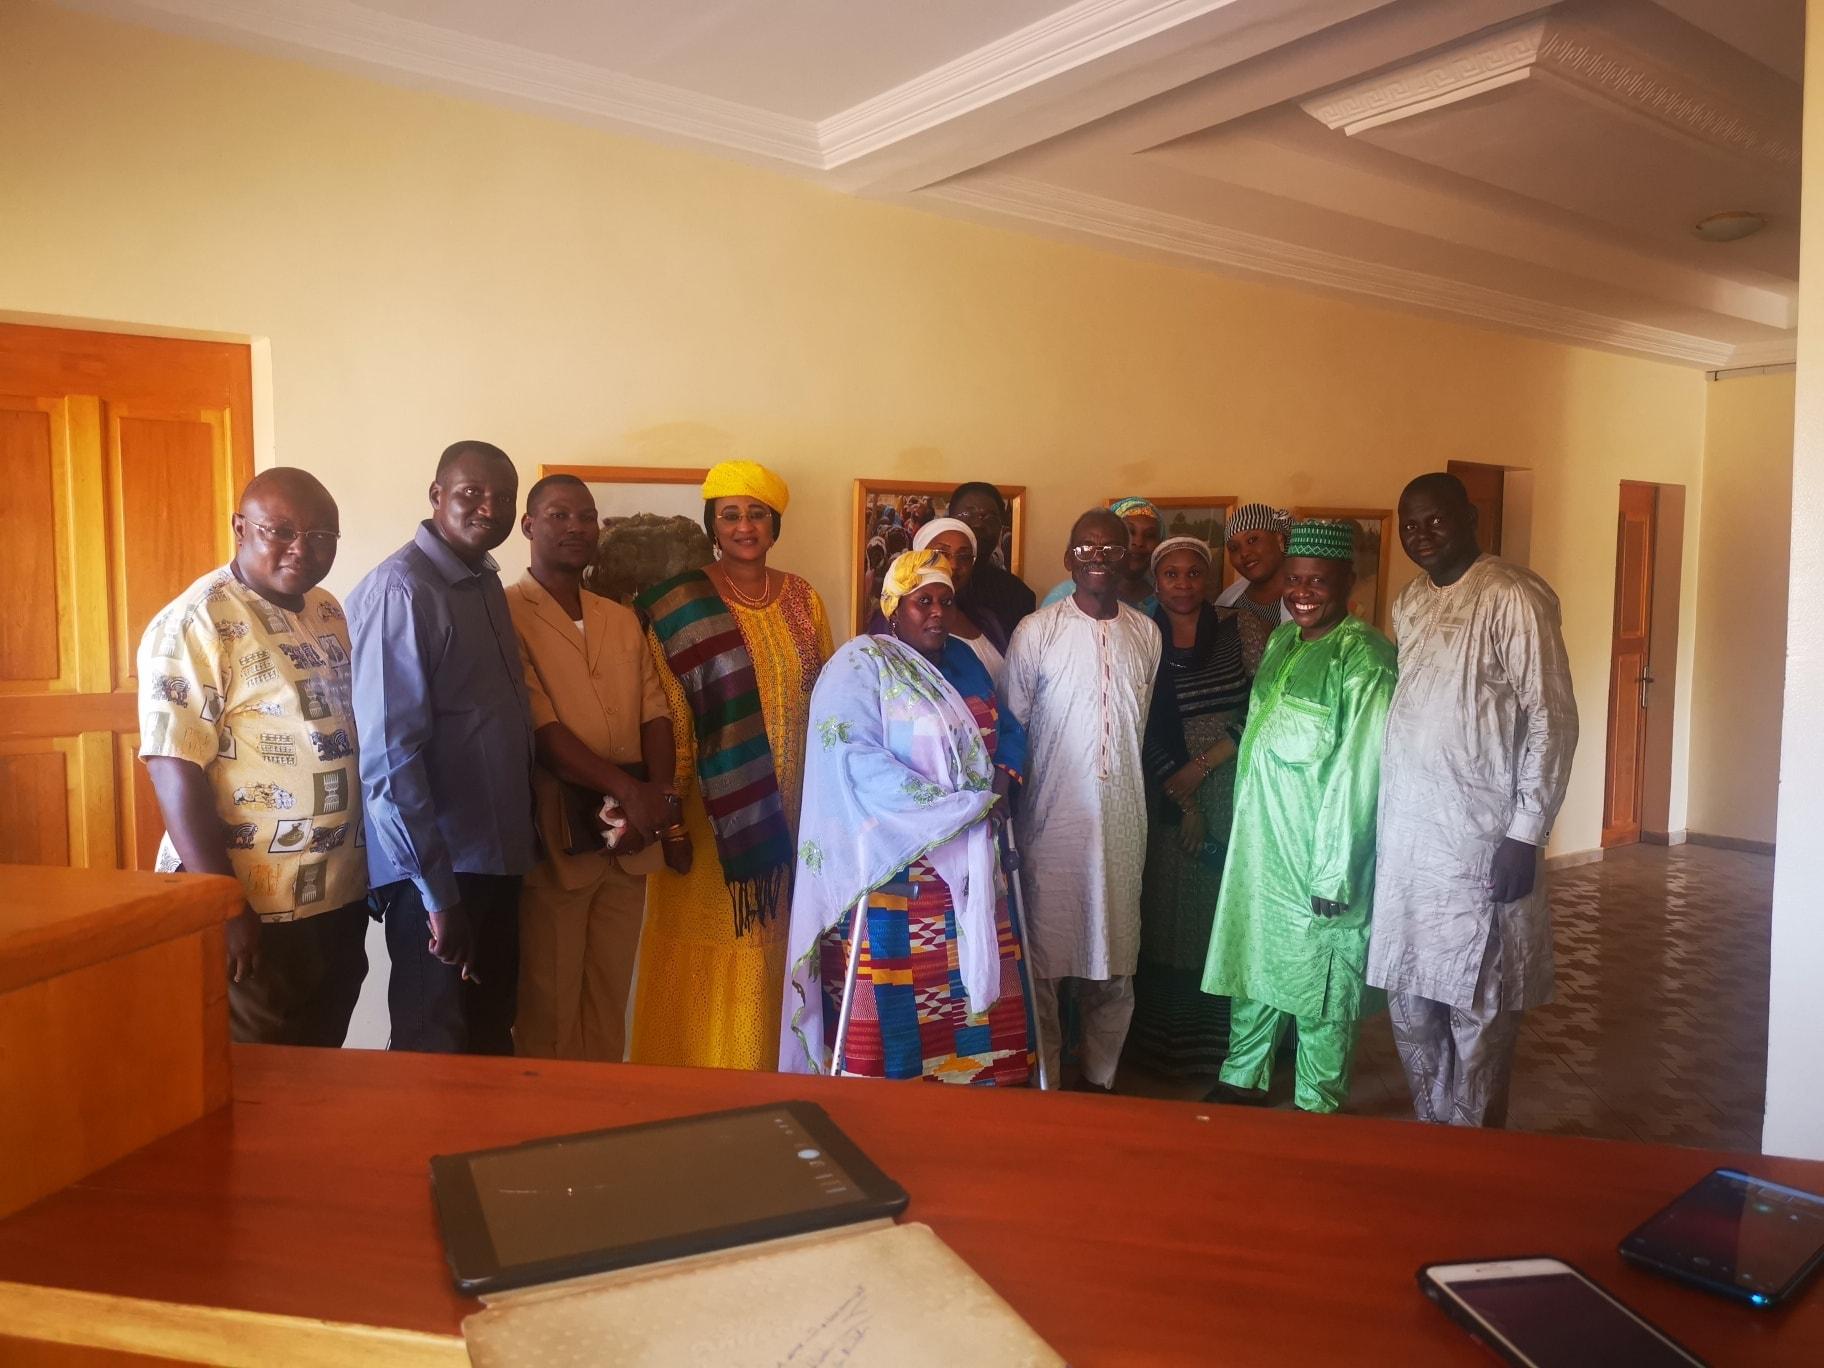 Rencontre avec le  Président de l'Alliance des Missions et Églises Évangéliques du Niger (AMEEN), le révérend Yacouba Souley